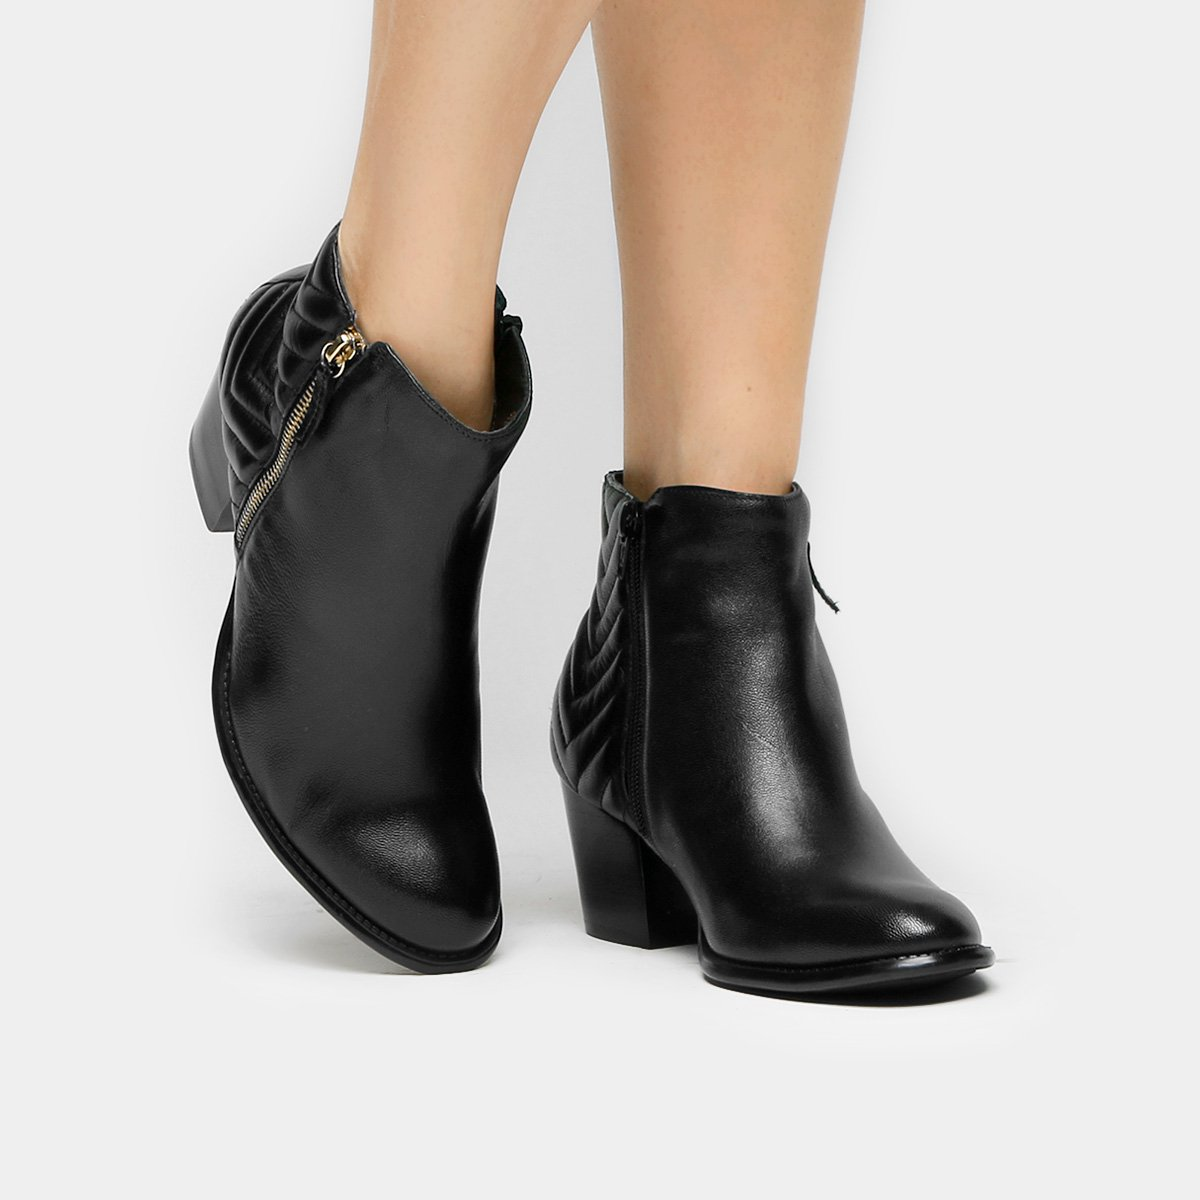 e025d4521e7 Bota Couro Cano Curto Shoestock Matelassê Feminina - Preto - Compre Agora